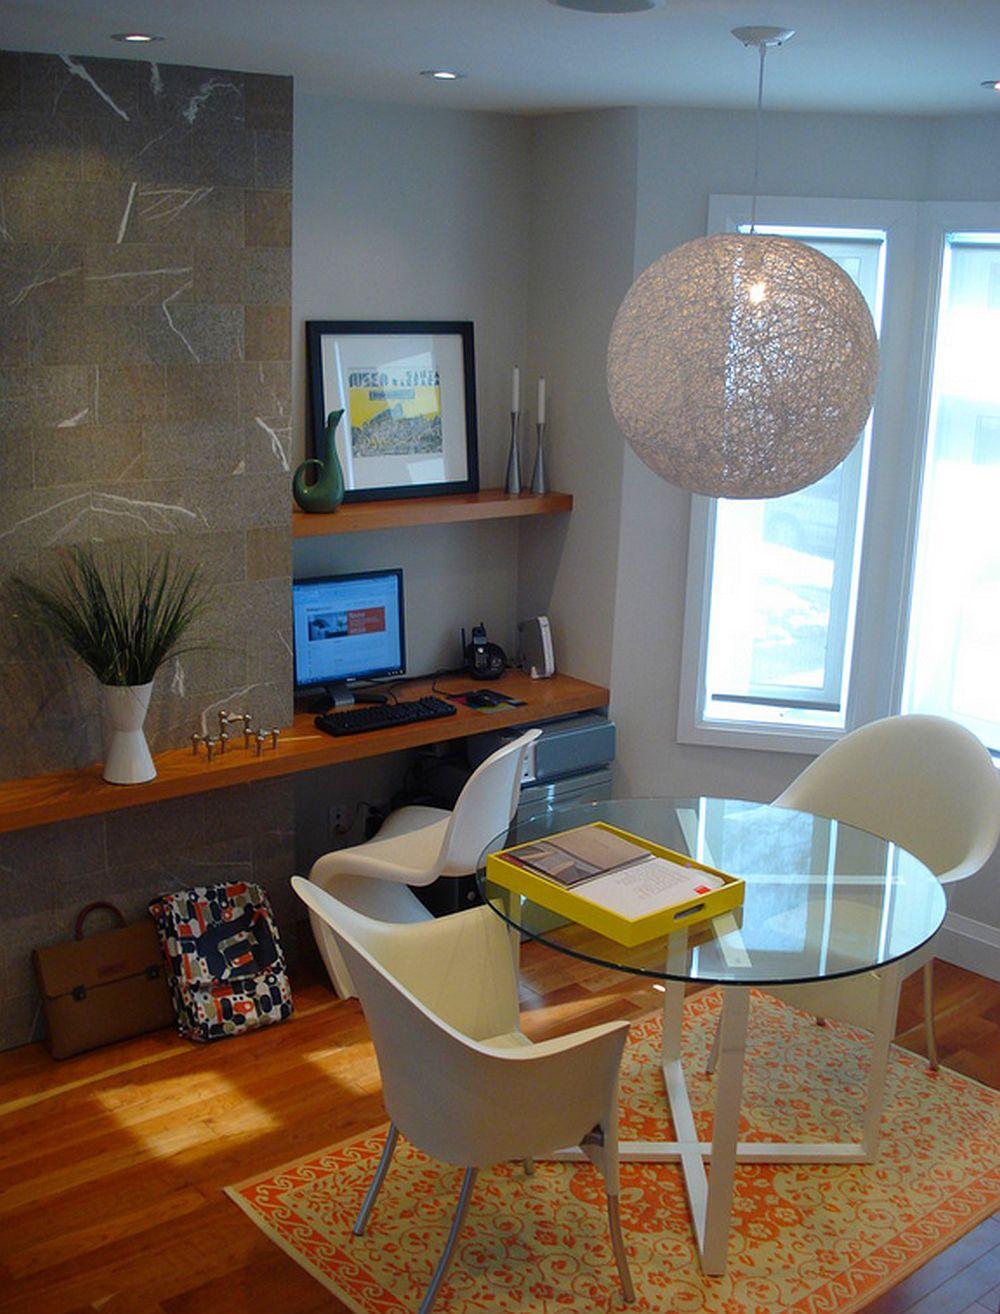 Locul de birou poate fi creatsi intr-o zona a sufrageriei, dar cel mult pentru laptop. Foto Silvia Mazzone